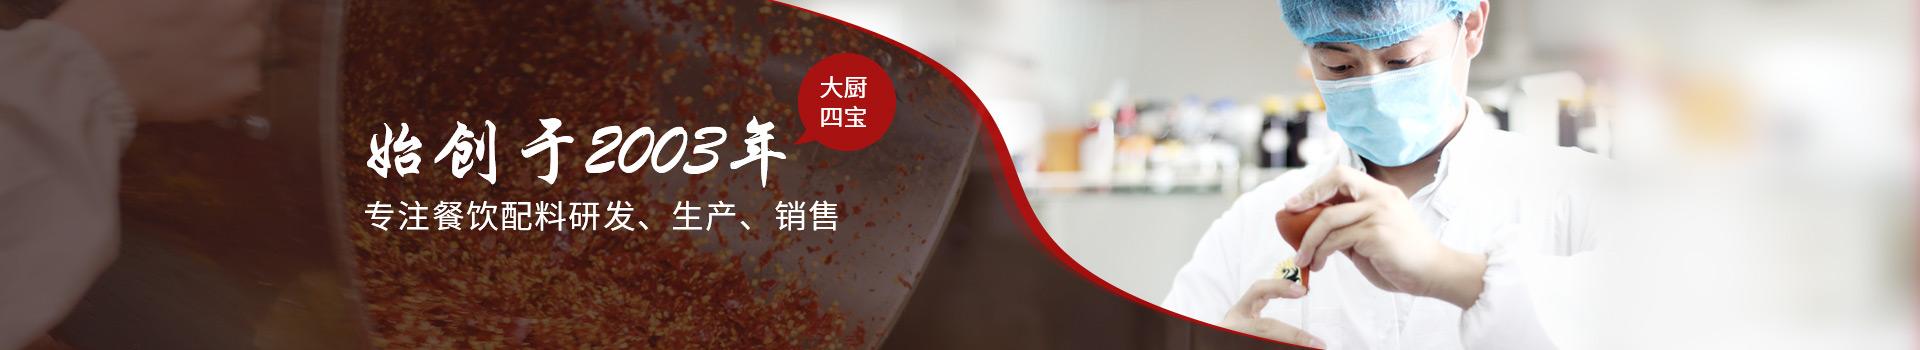 大厨四宝 专注餐饮配料研发生产销售